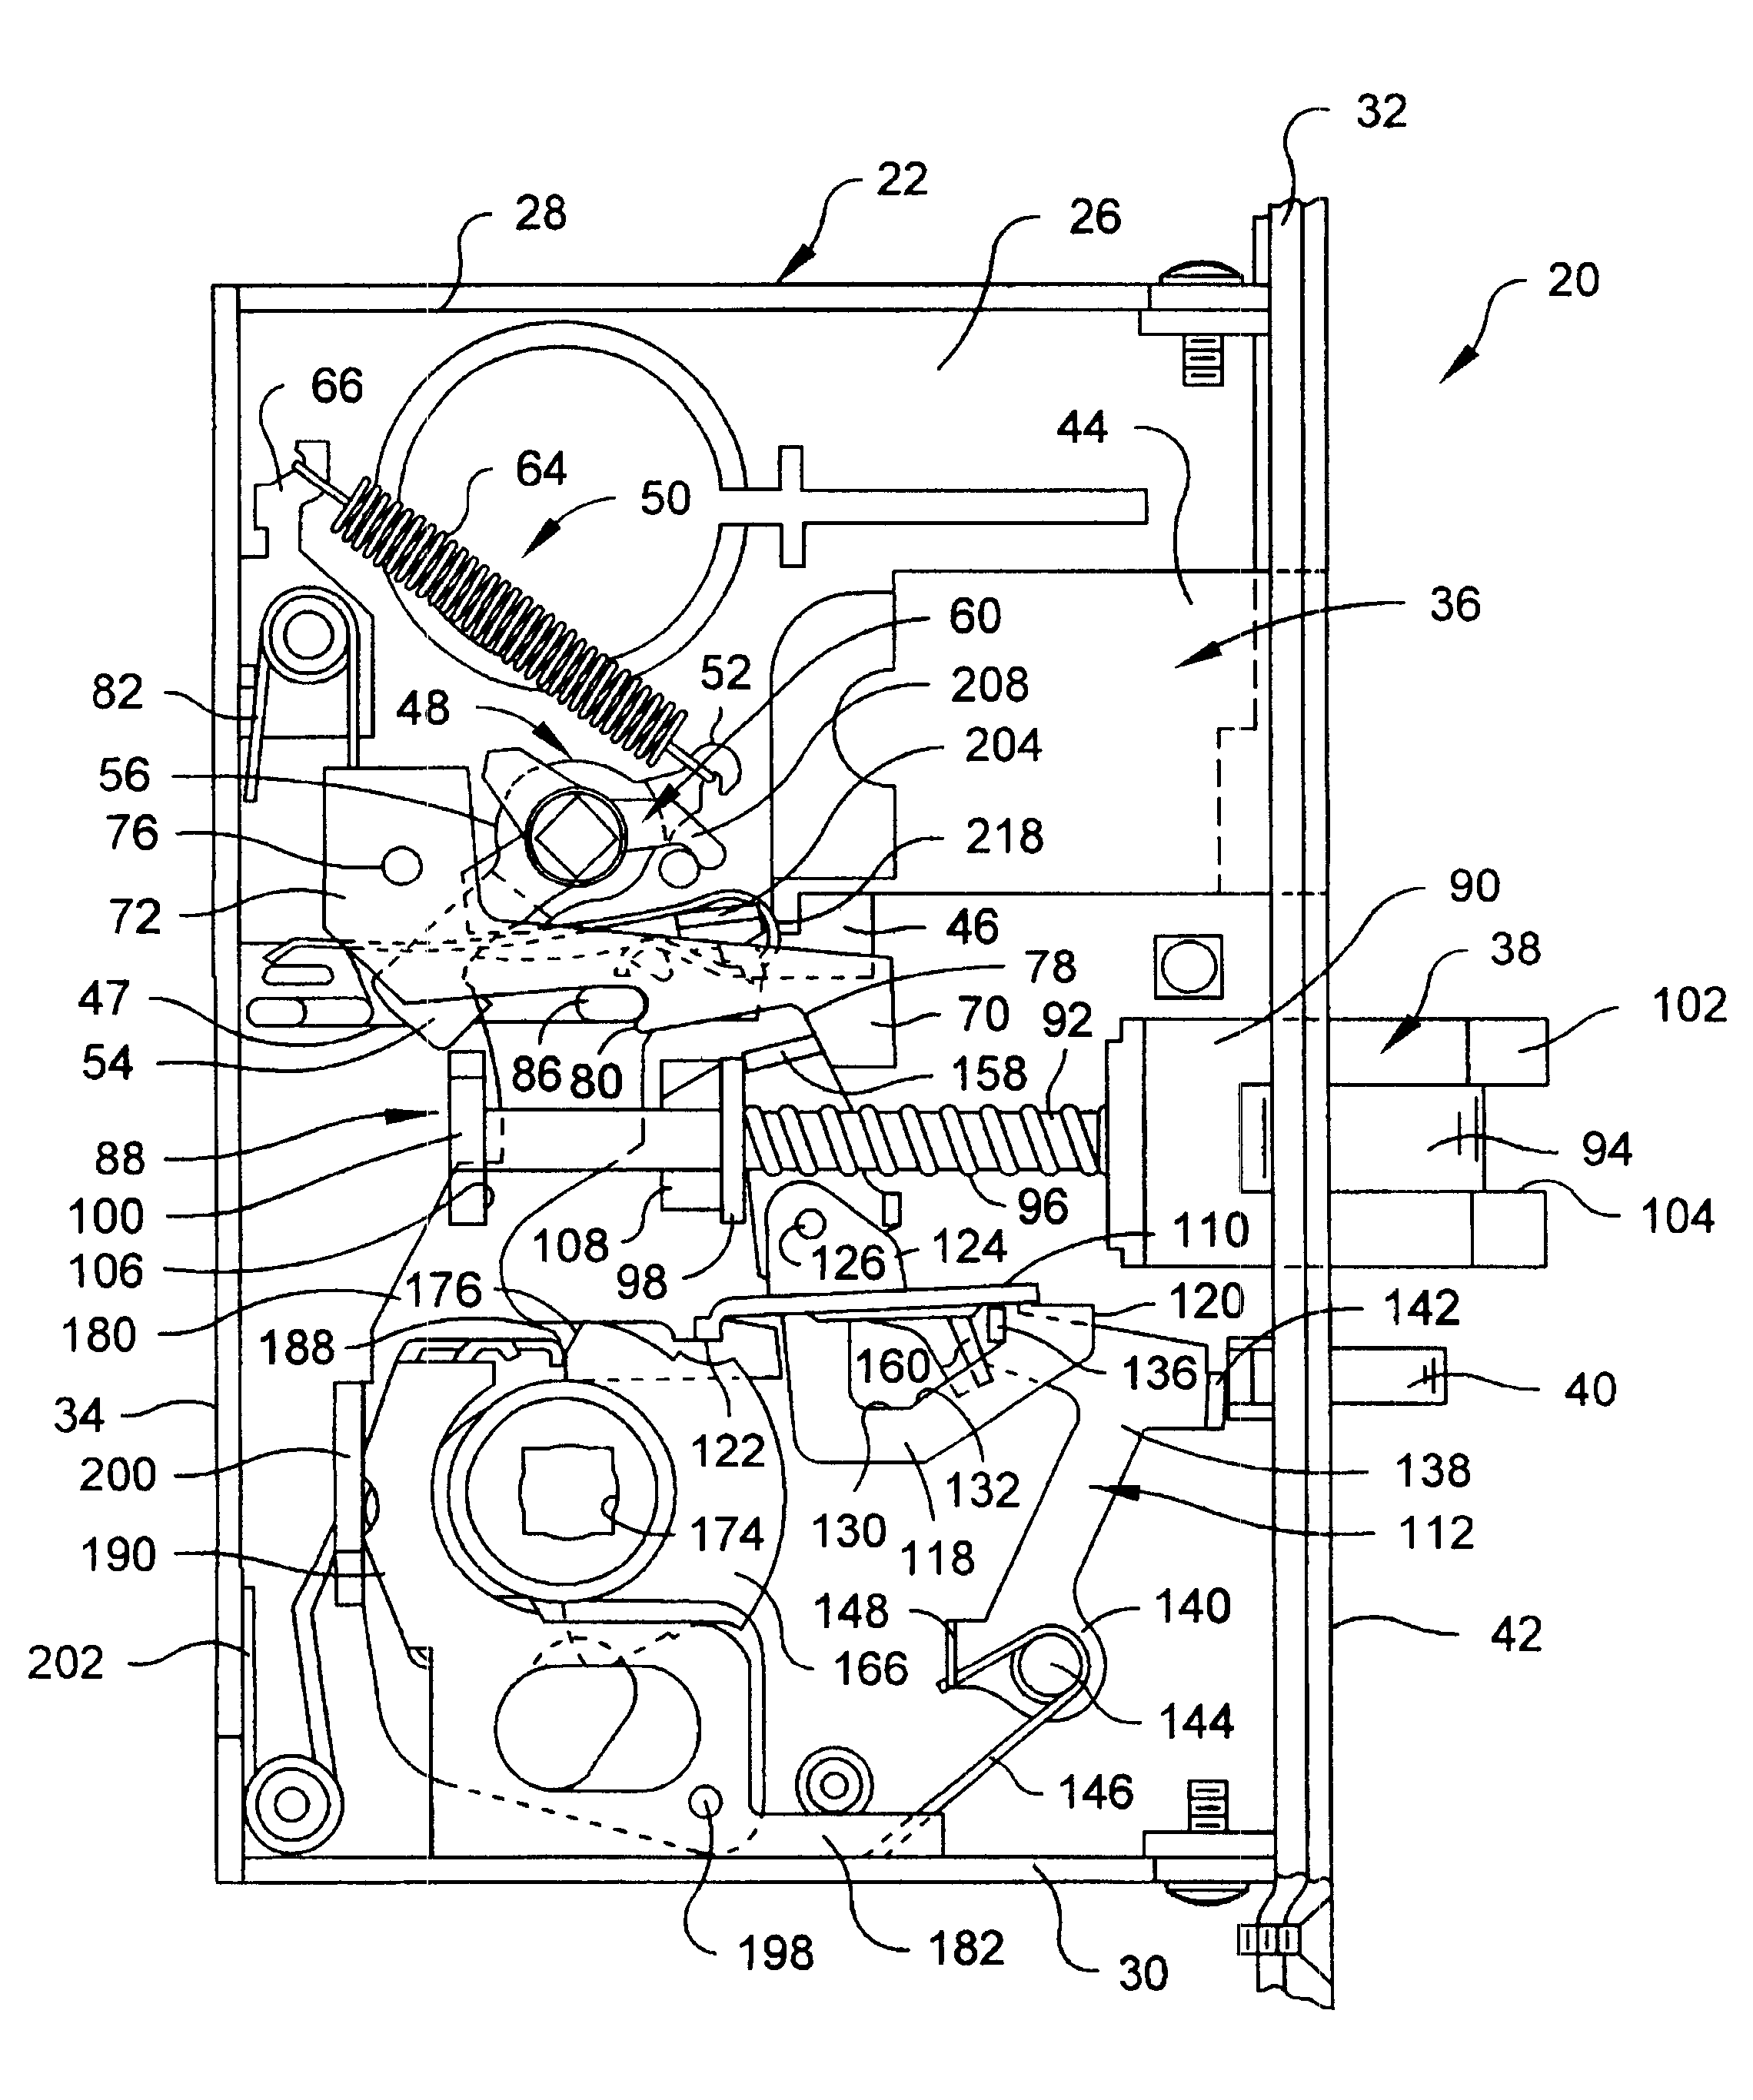 patent us6578888